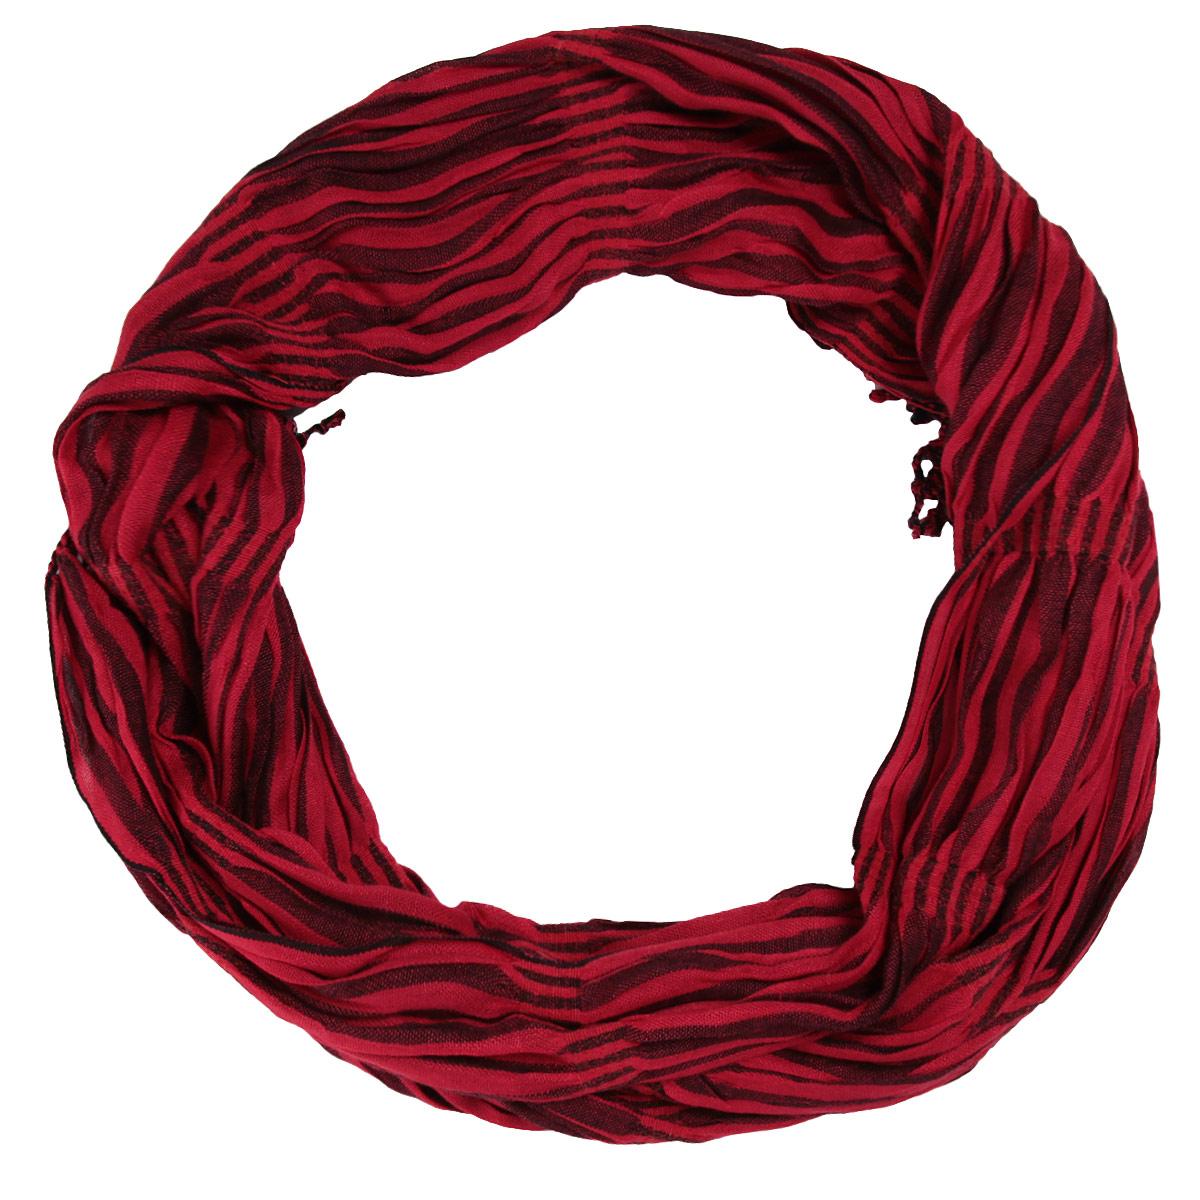 Шарф437075нСтильный шарф Ethnica создан подчеркнуть ваш неординарный вкус и индивидуальность. Шарф выполнен из мягкой вискозы с жатым эффектом и оформлен полосатым принтом. По краям шарф декорирован кисточками. Этот модный аксессуар гармонично дополнит образ современной женщины, следящей за своим имиджем и стремящейся всегда оставаться стильной и элегантной.